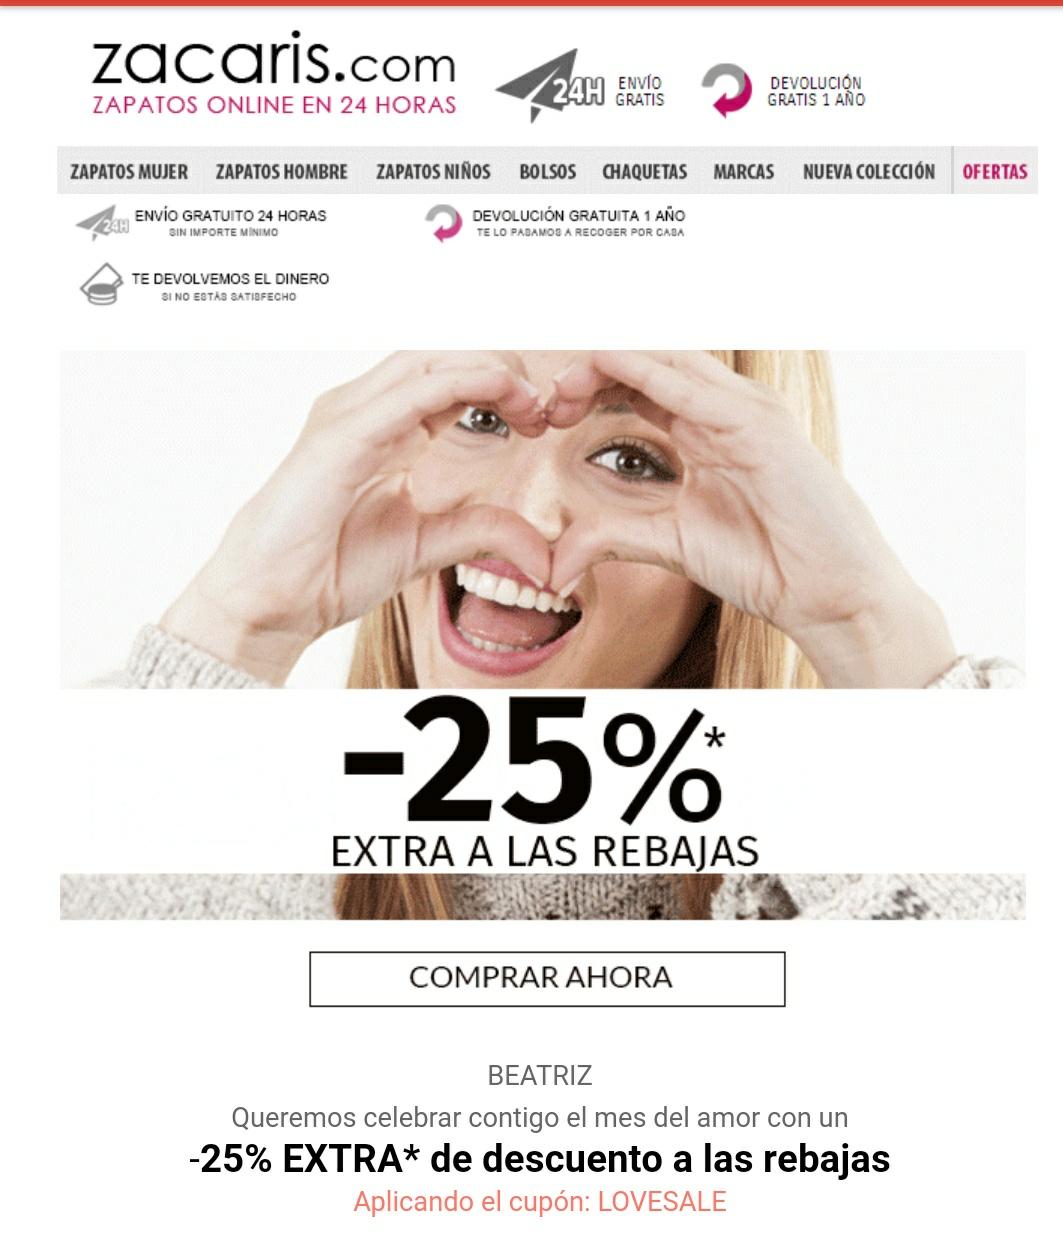 25% Extra a lo rebajado en Zacaris